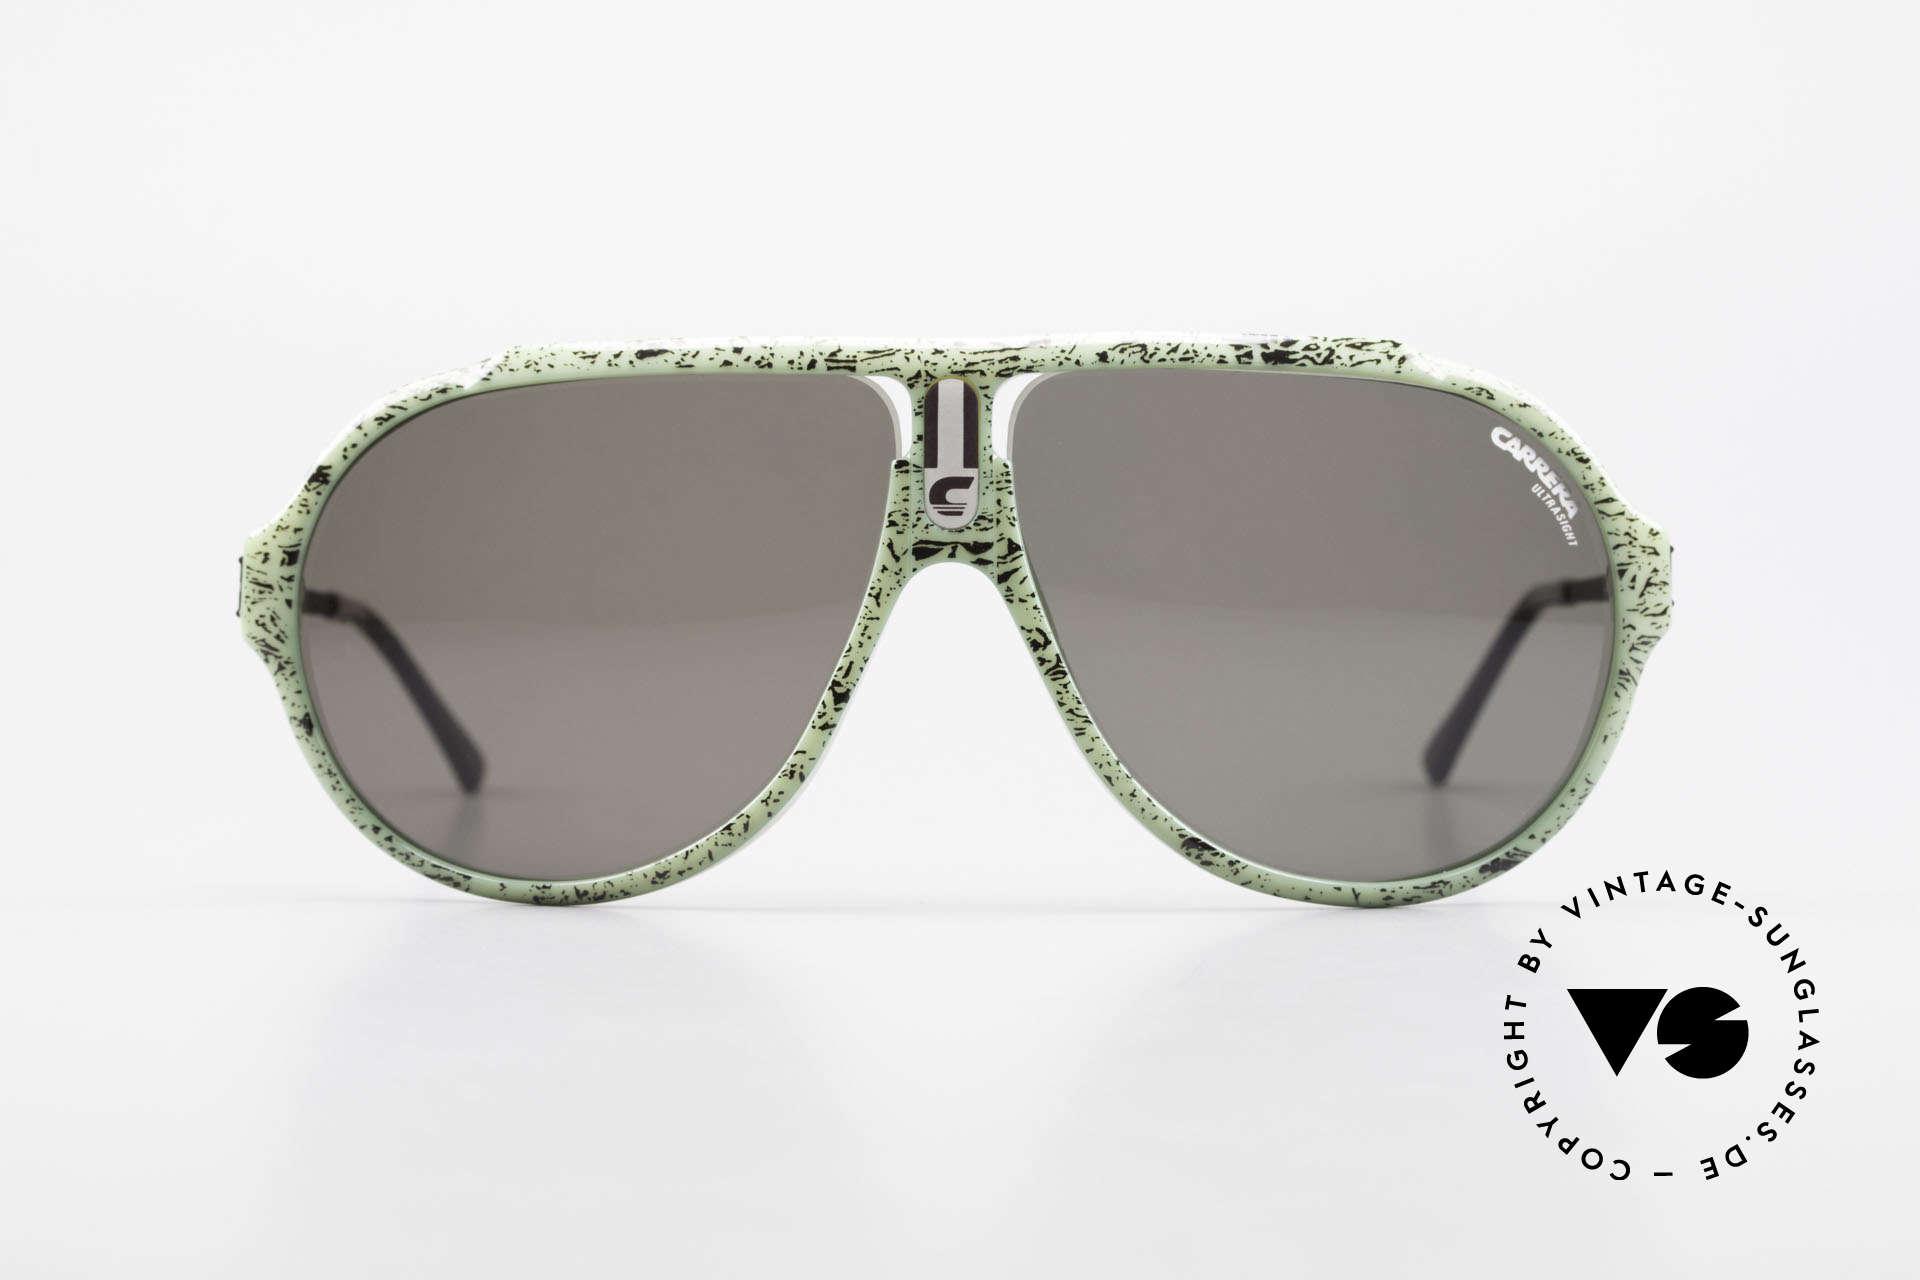 Carrera 5565 Vintage Sonnenbrille Optyl, sehr ähnlich dem berühmten Carrera Modell '5512', Passend für Herren